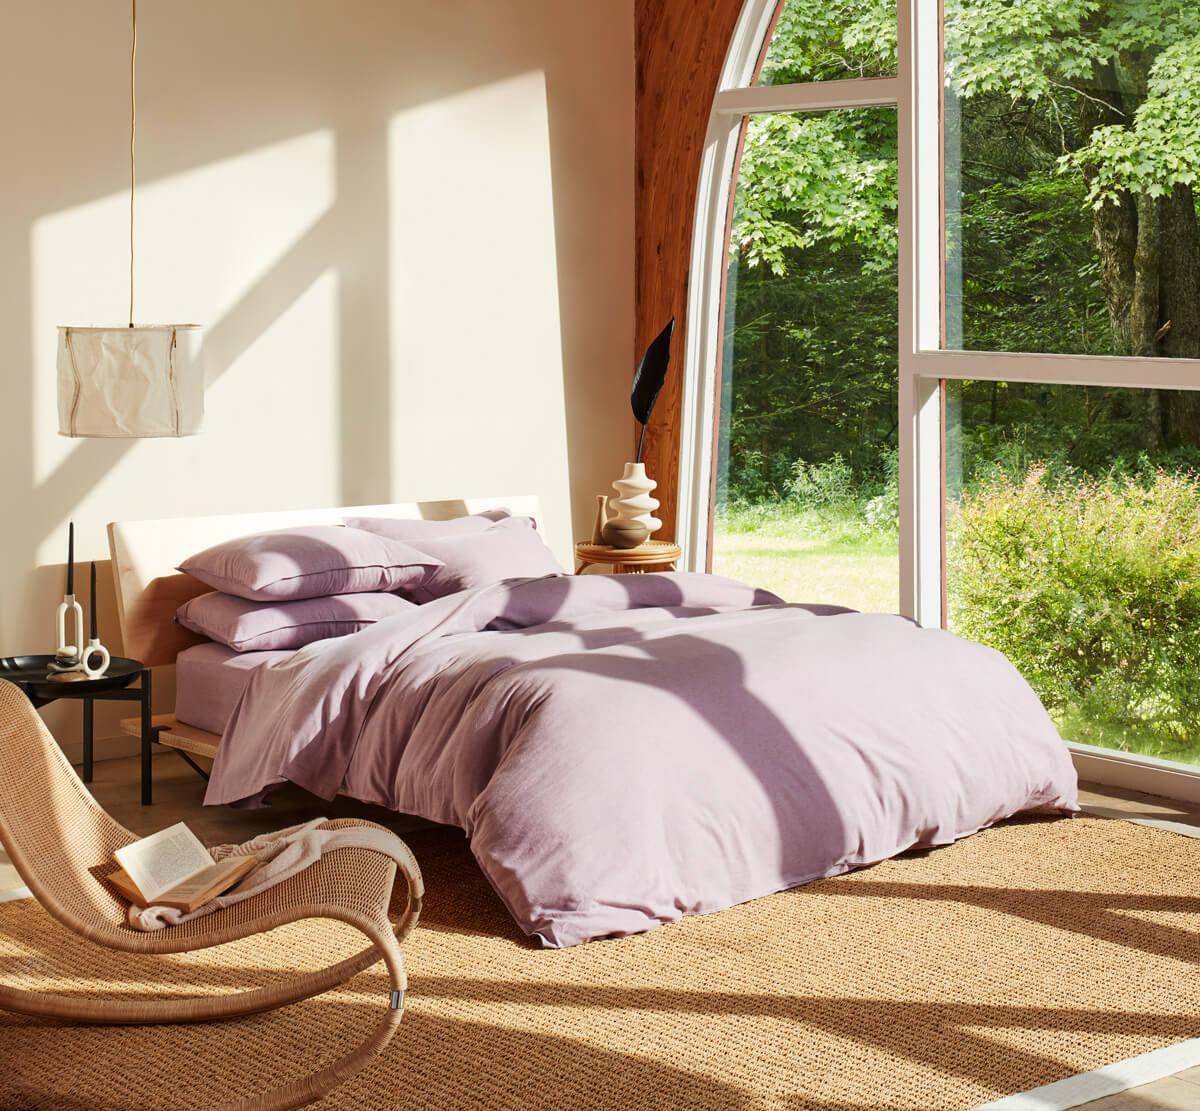 brooklinen / fall bedding